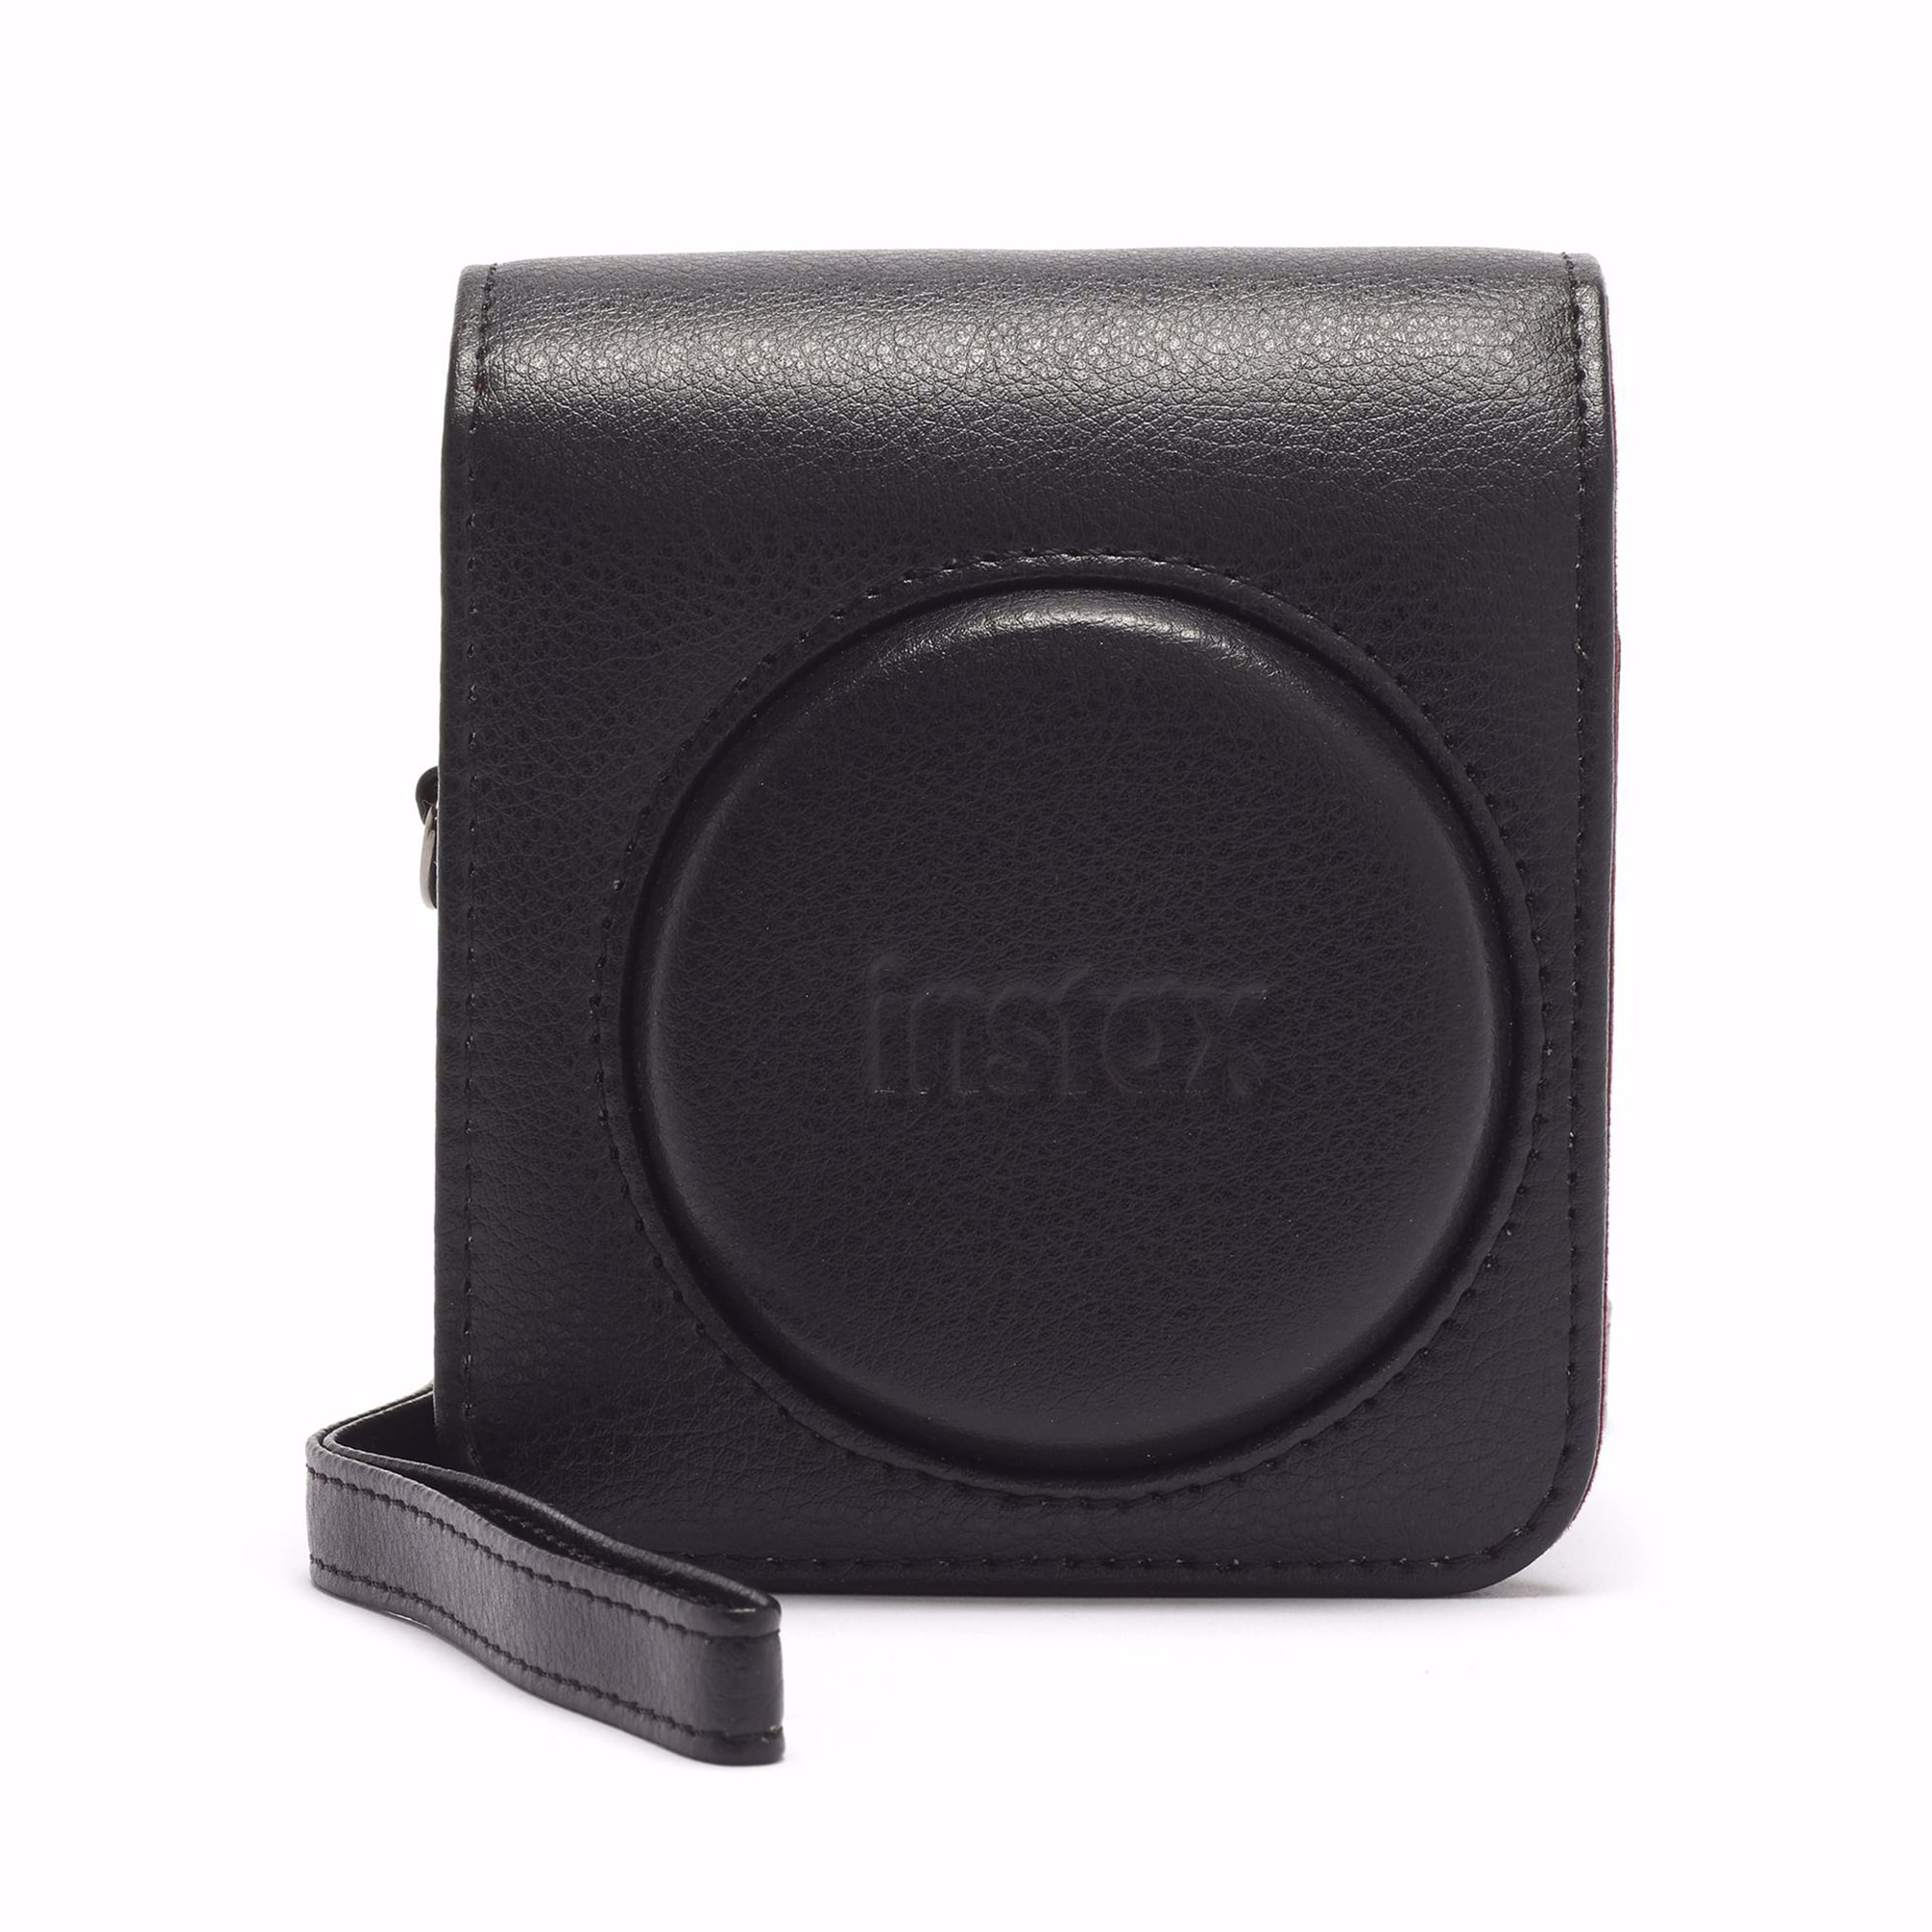 Fujifilm Instax Mini 70 Kameraväska